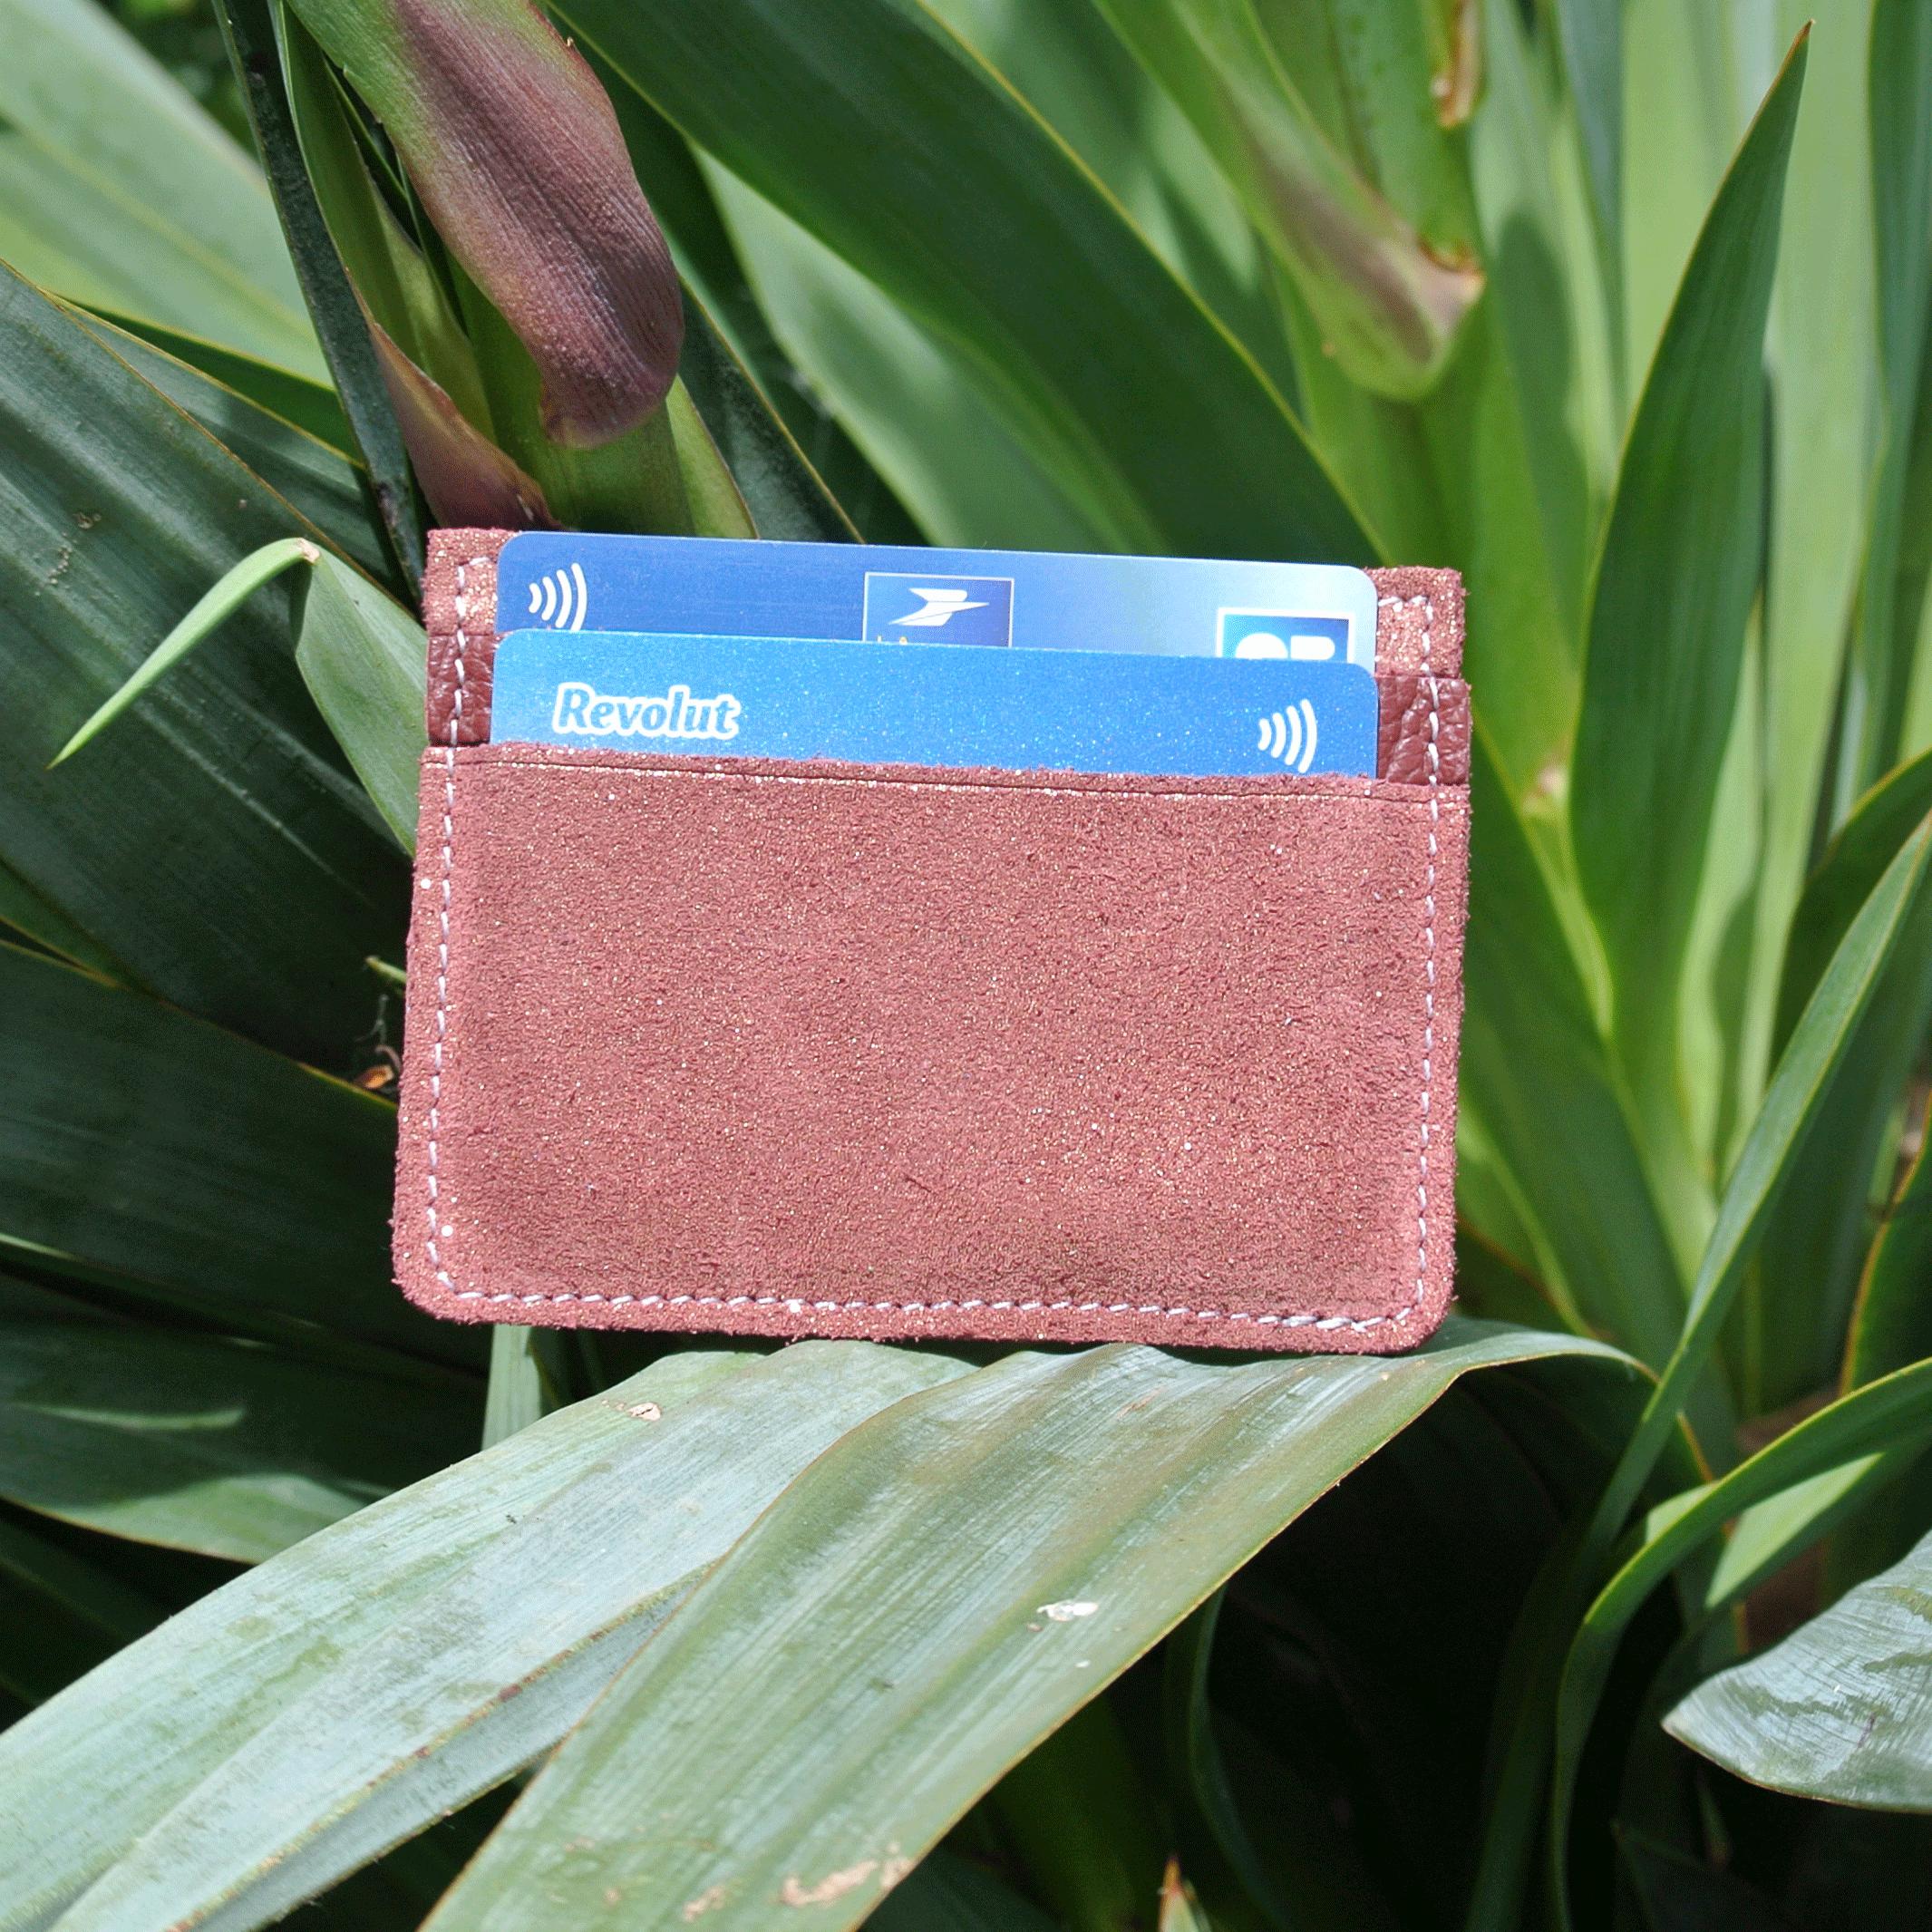 cuirs-pailletés-cuirs-fantaisies-fabriqué-en-france-la-cartabliere-etui-carte-triple-cuir-paillete-grenat-dore